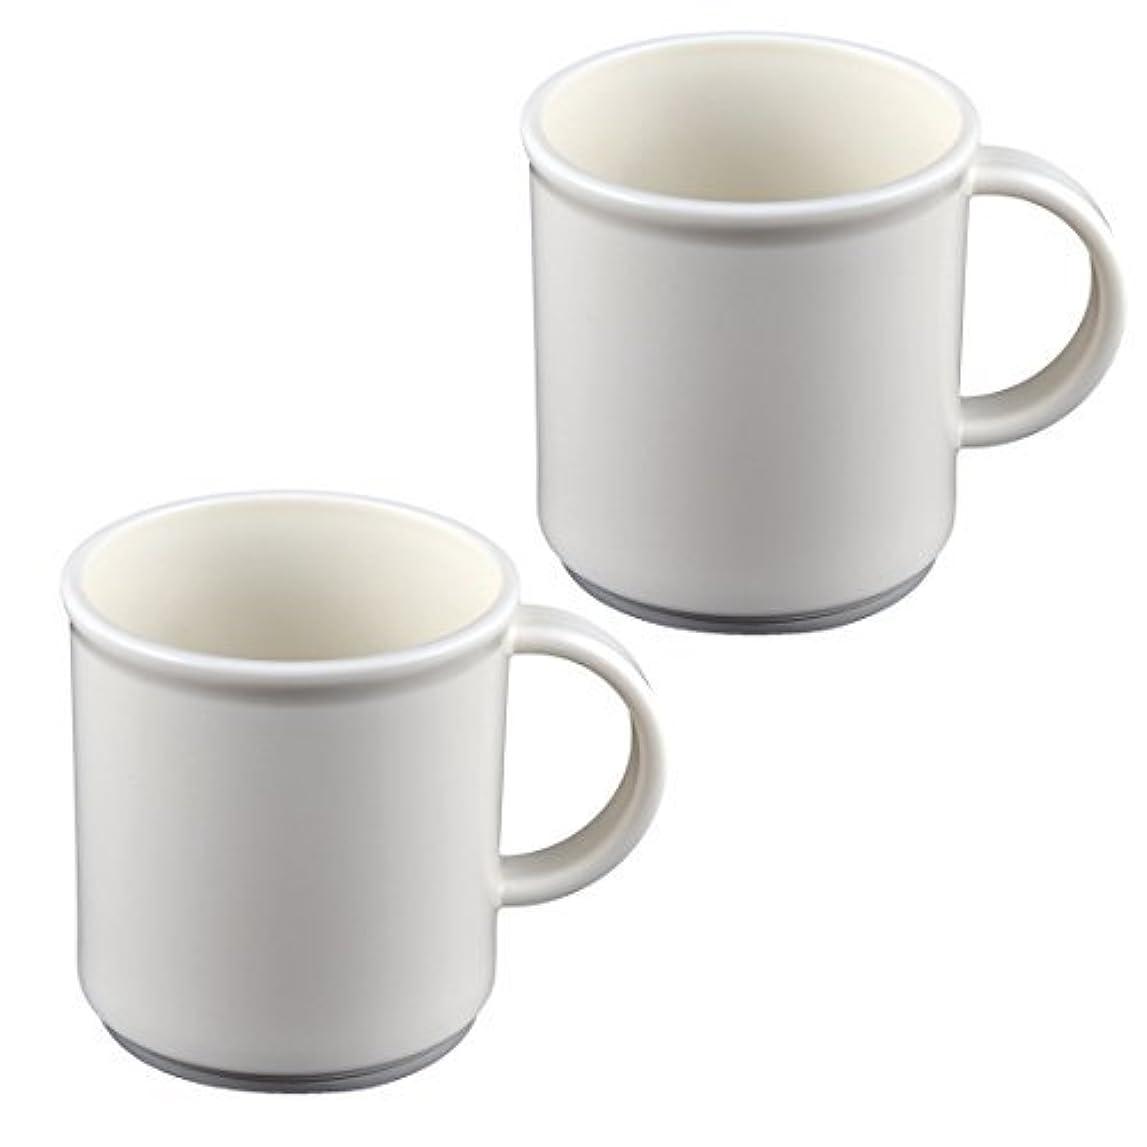 出発するネックレス香港DealMuxバスアクセサリーブラシカップ歯ブラシ歯磨き粉ホルダー2個ホワイト